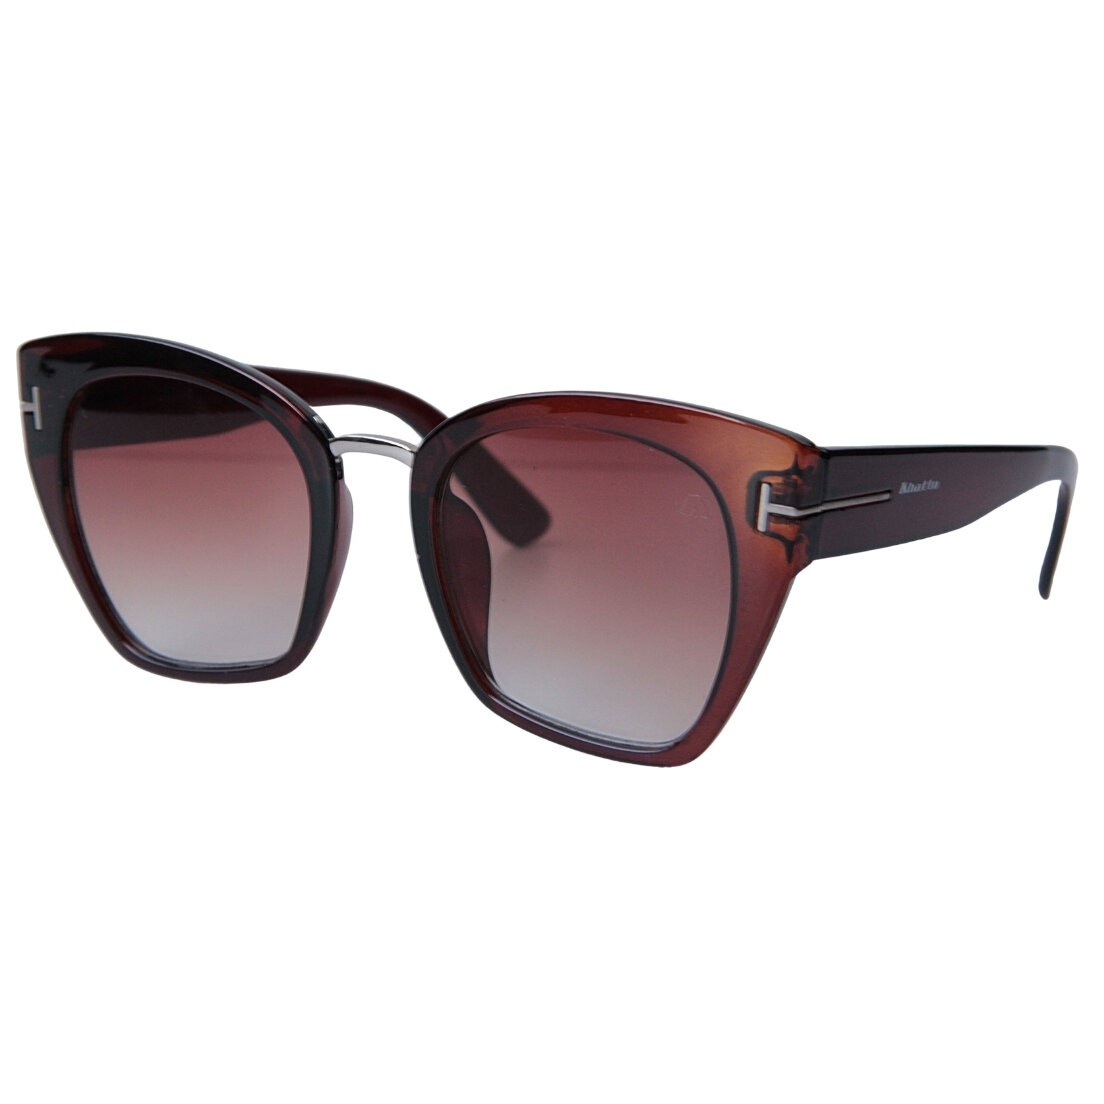 Óculos de Sol Khatto Square Fashion Italiano - C047